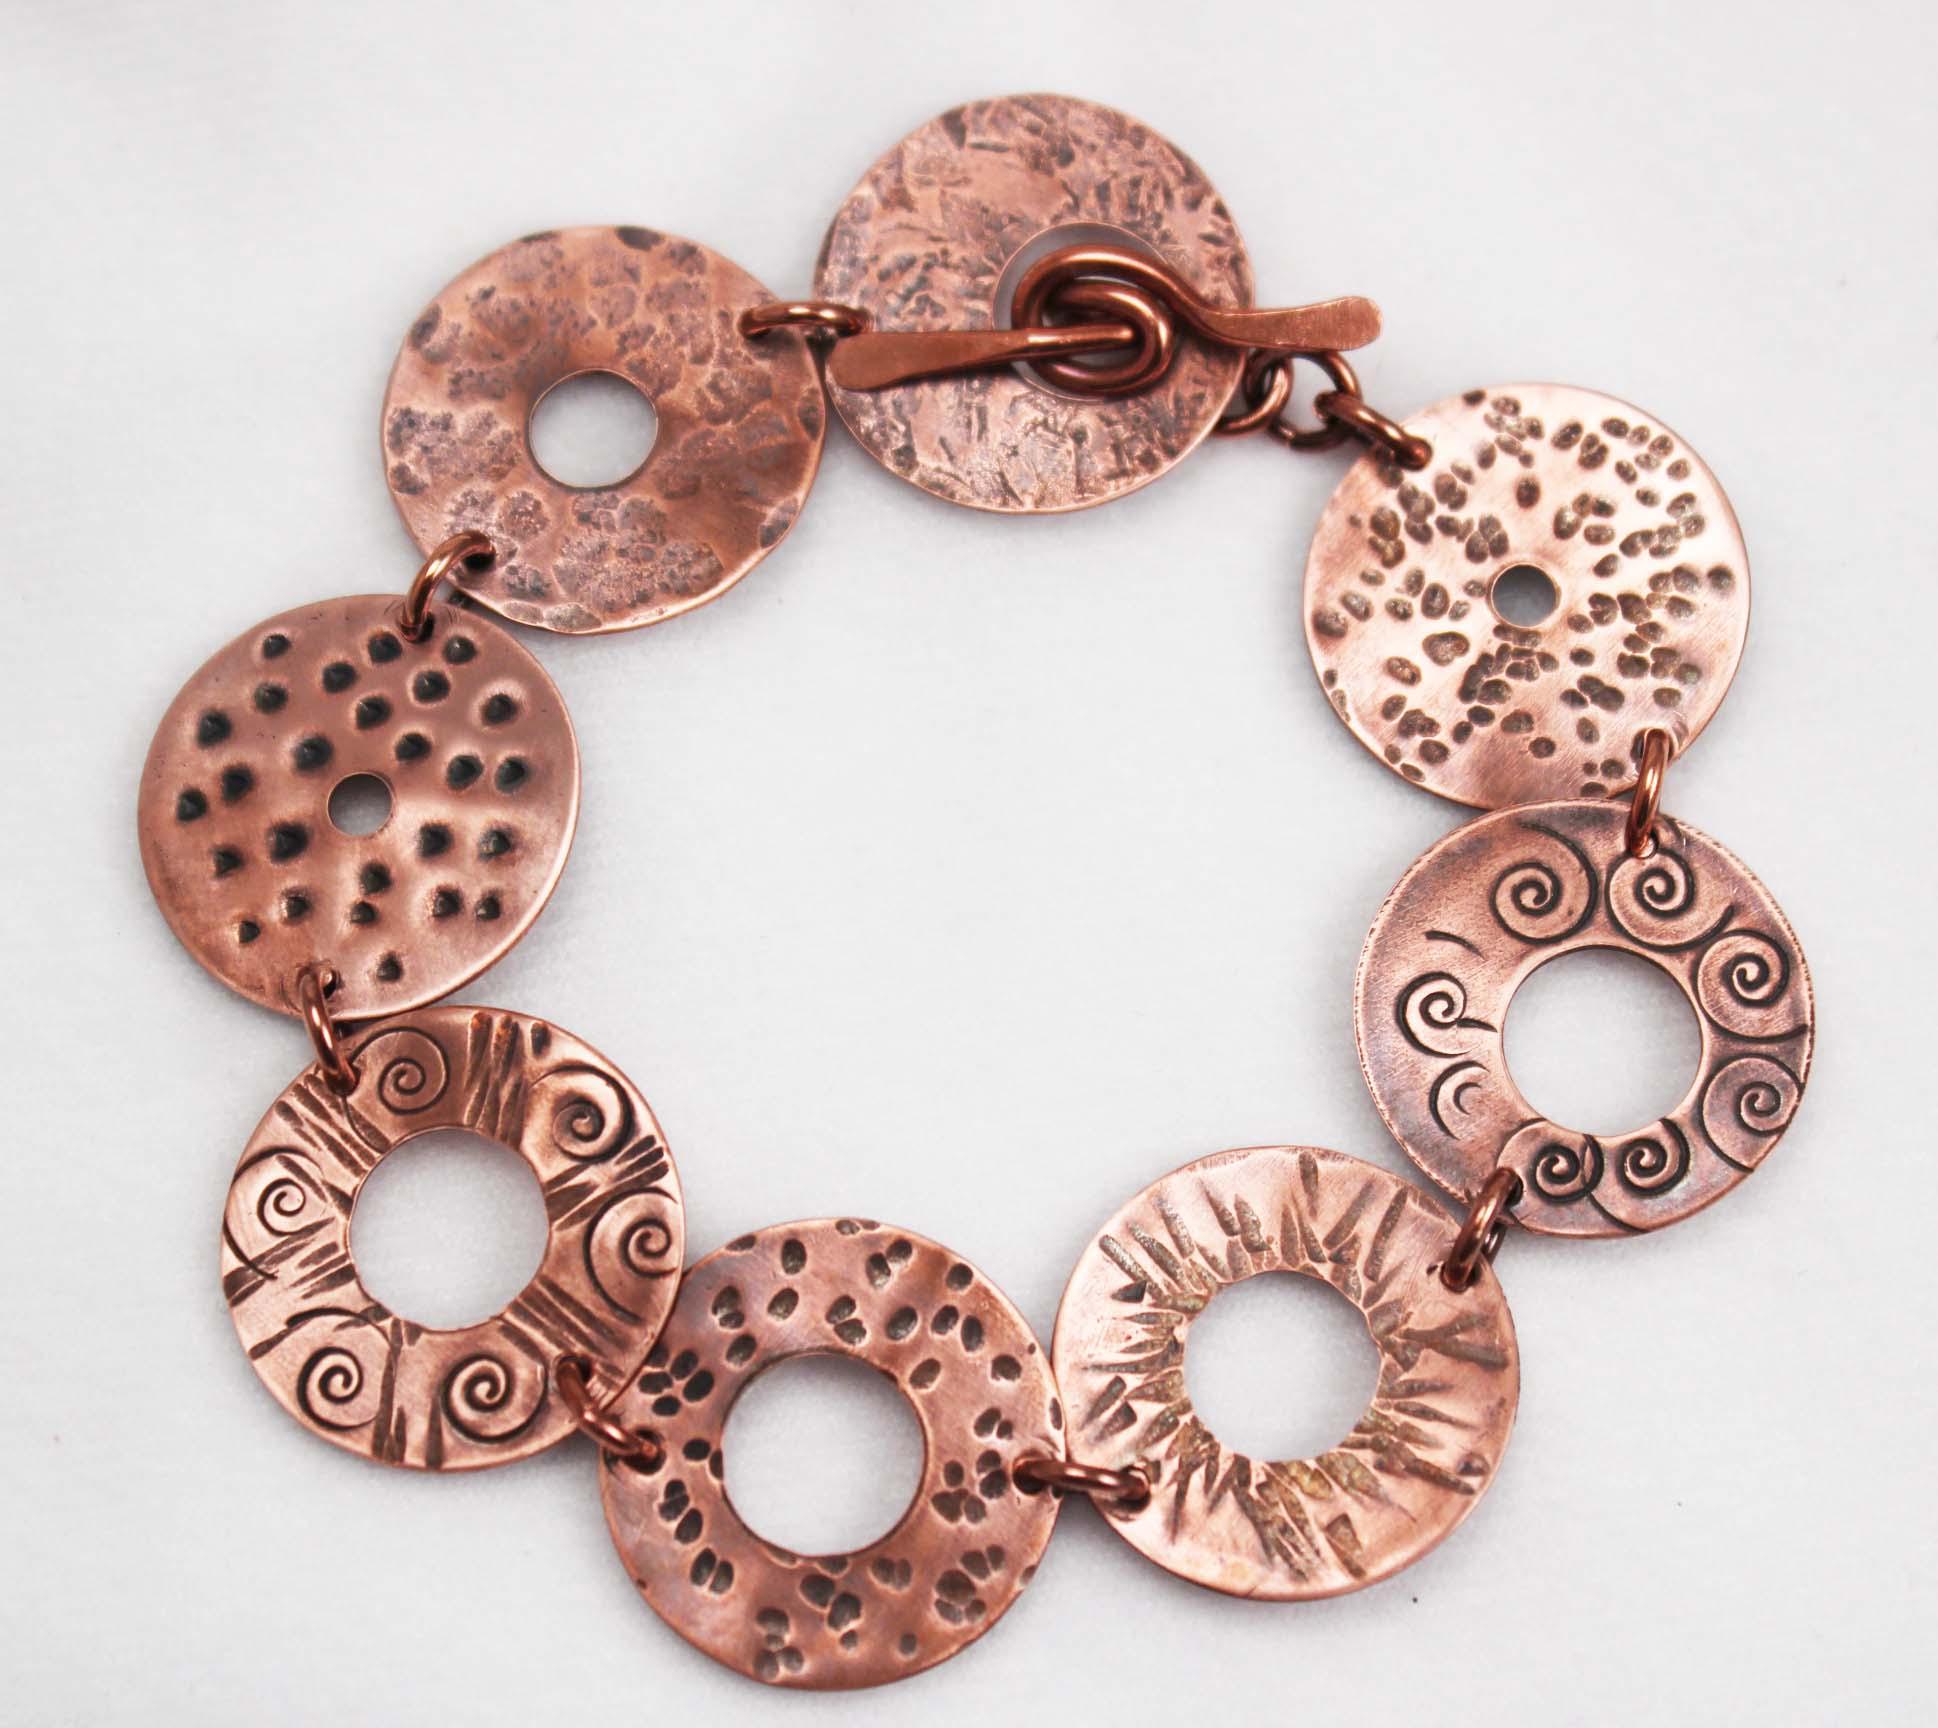 Handmade bracelet created using washers